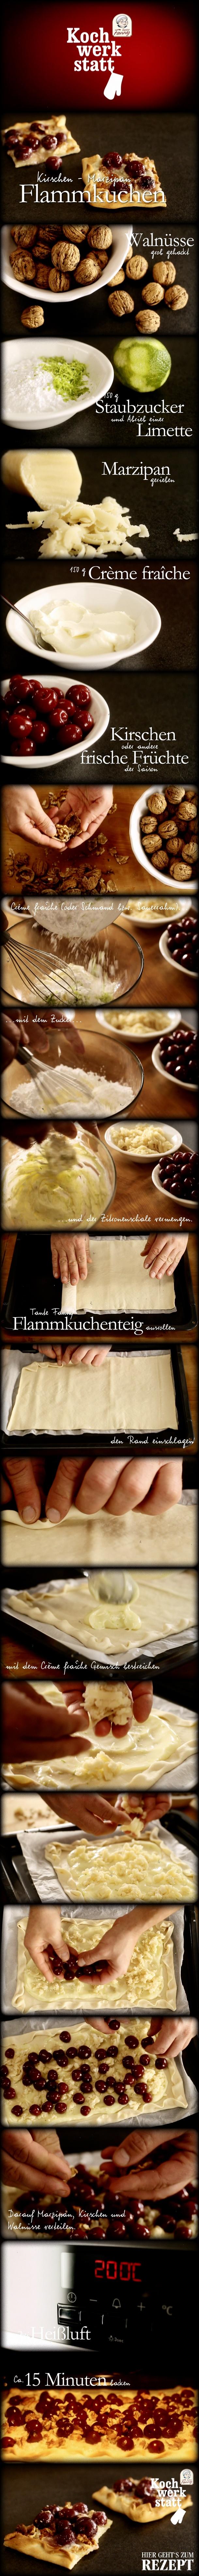 Kirschen marzipan flammkuchen oder eine geniale pinterest idee by digitalwerk f r tante fanny